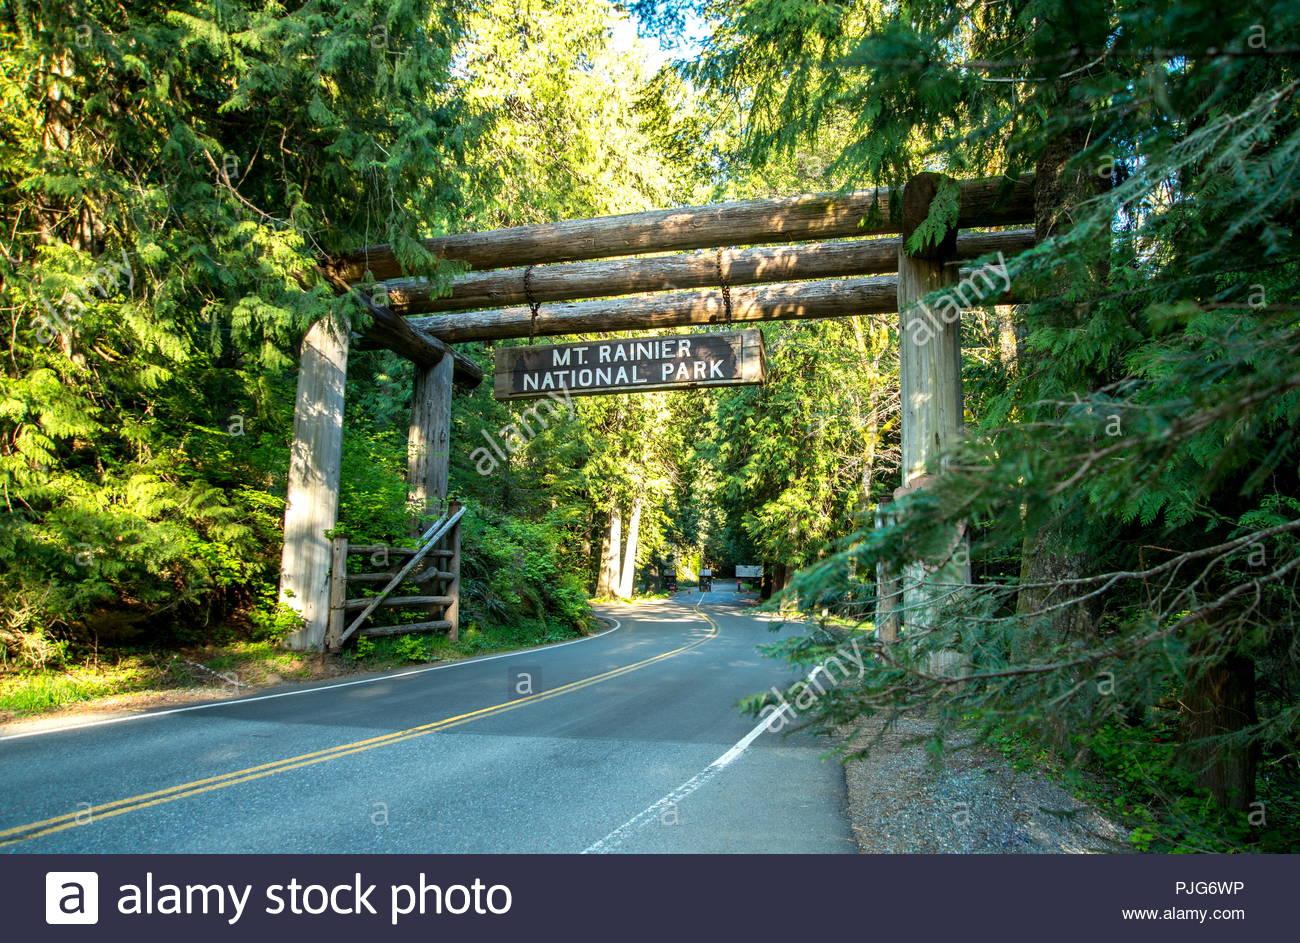 Mt. Rainier National Park Entrance - Stock Image